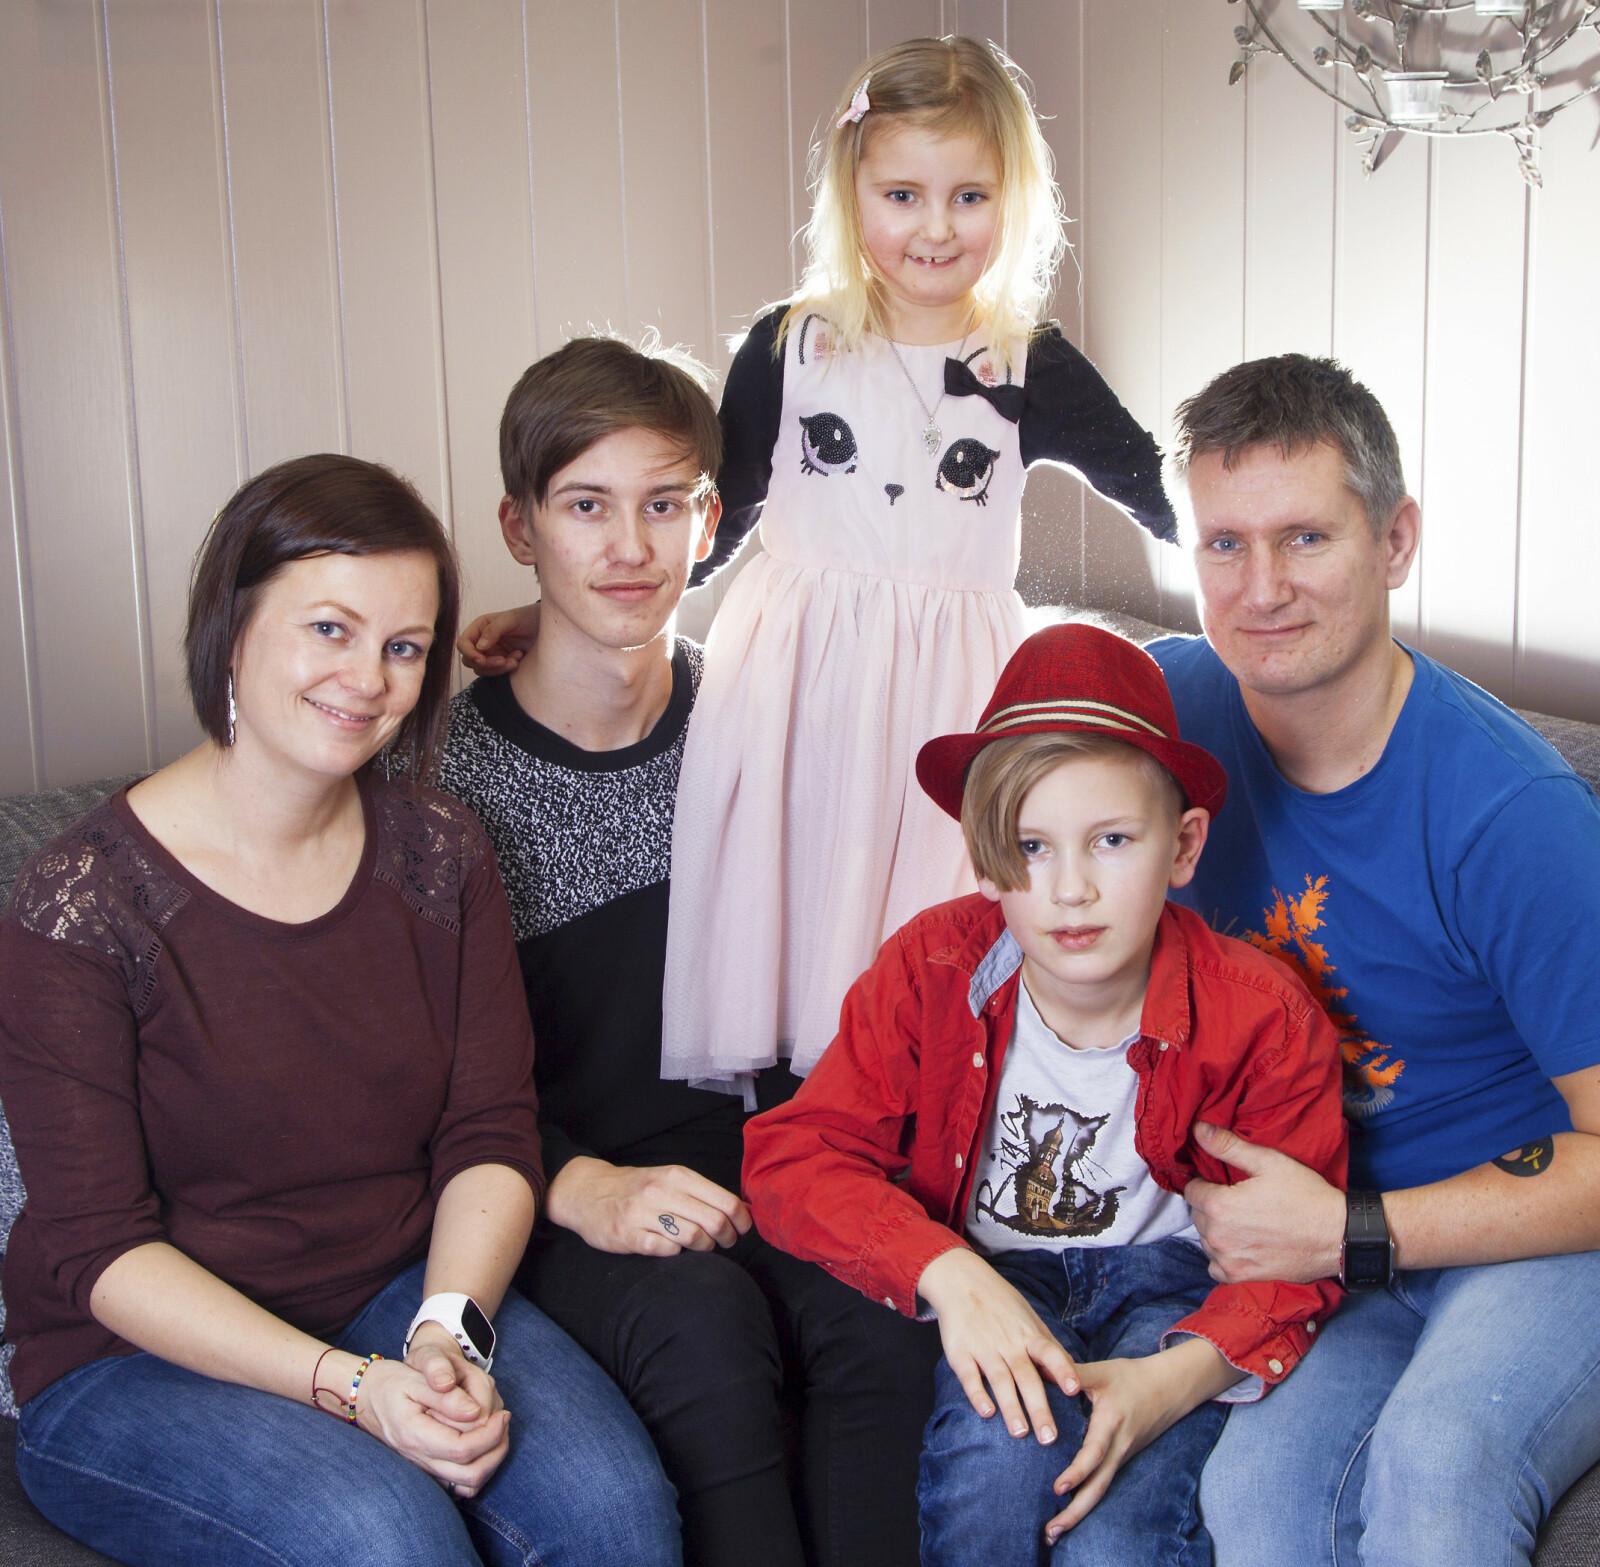 FAMILIEN: Pernille Gudbrandsen var lykkelig da hun fikk Gledesprisen i 2018. Hun drømte om å reise til Paris. Her er hun sammen med mamma Anne, pappa Ove og brødrene Noah og William.